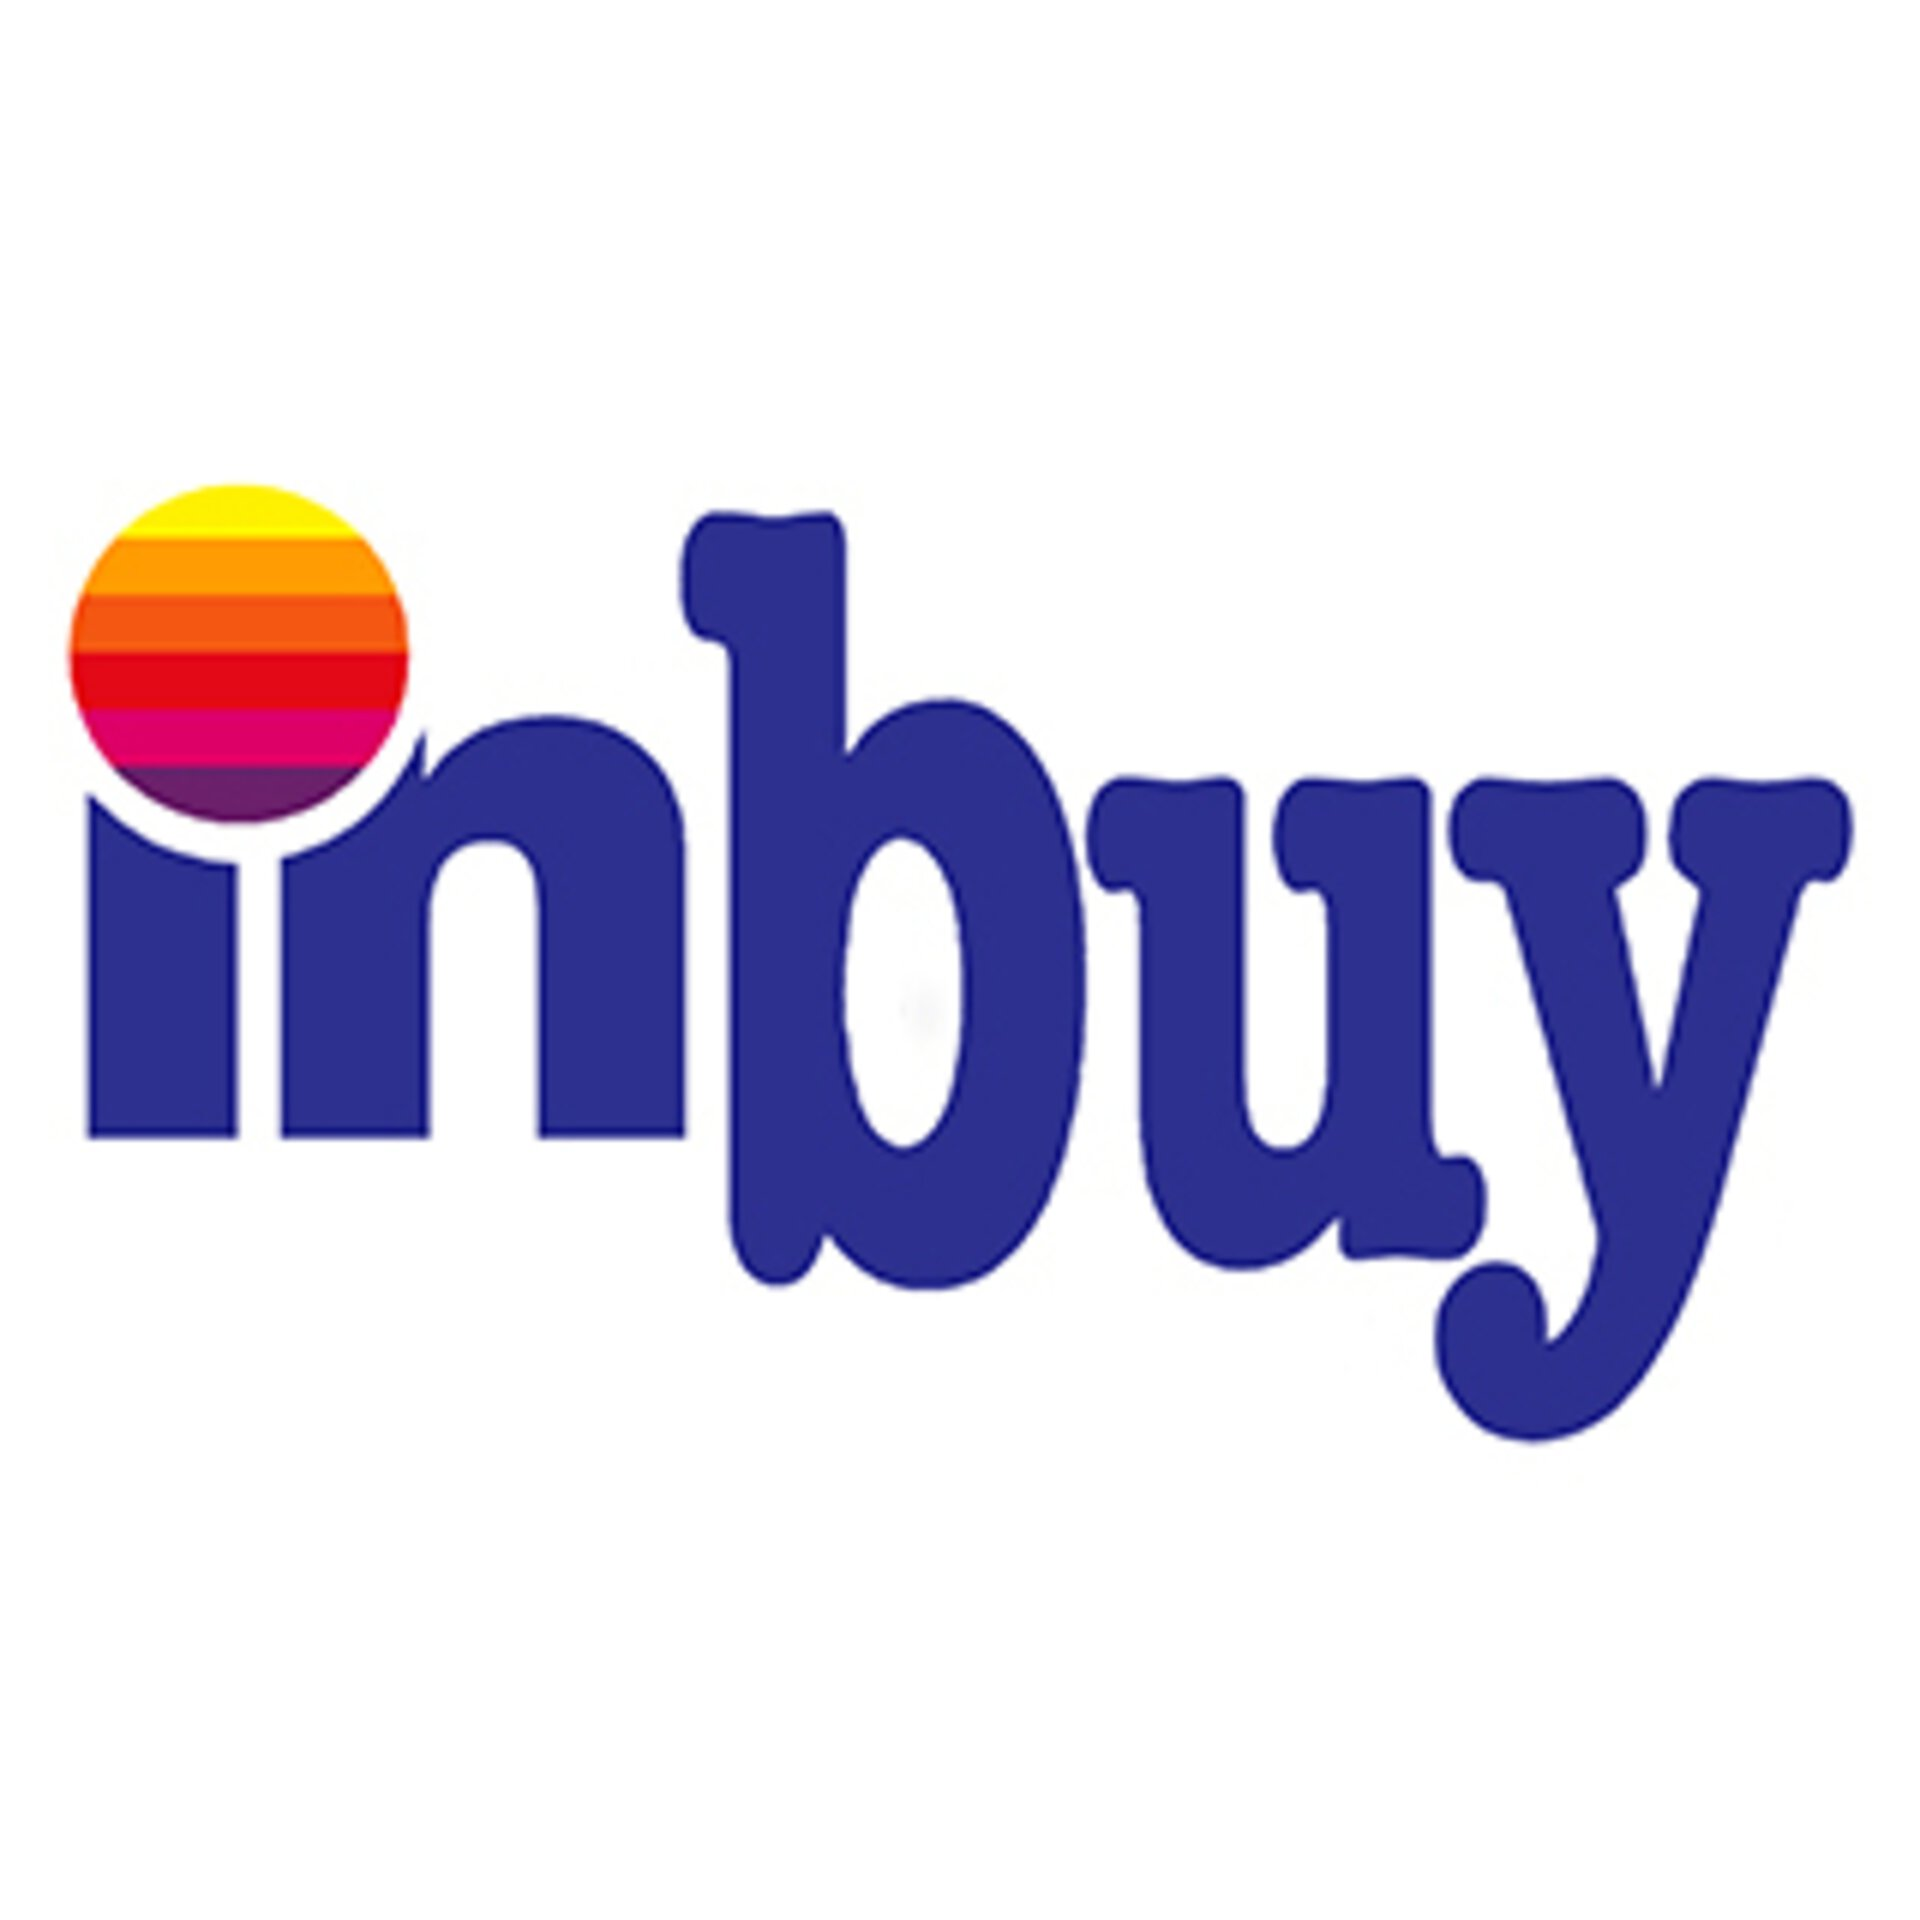 inbuy